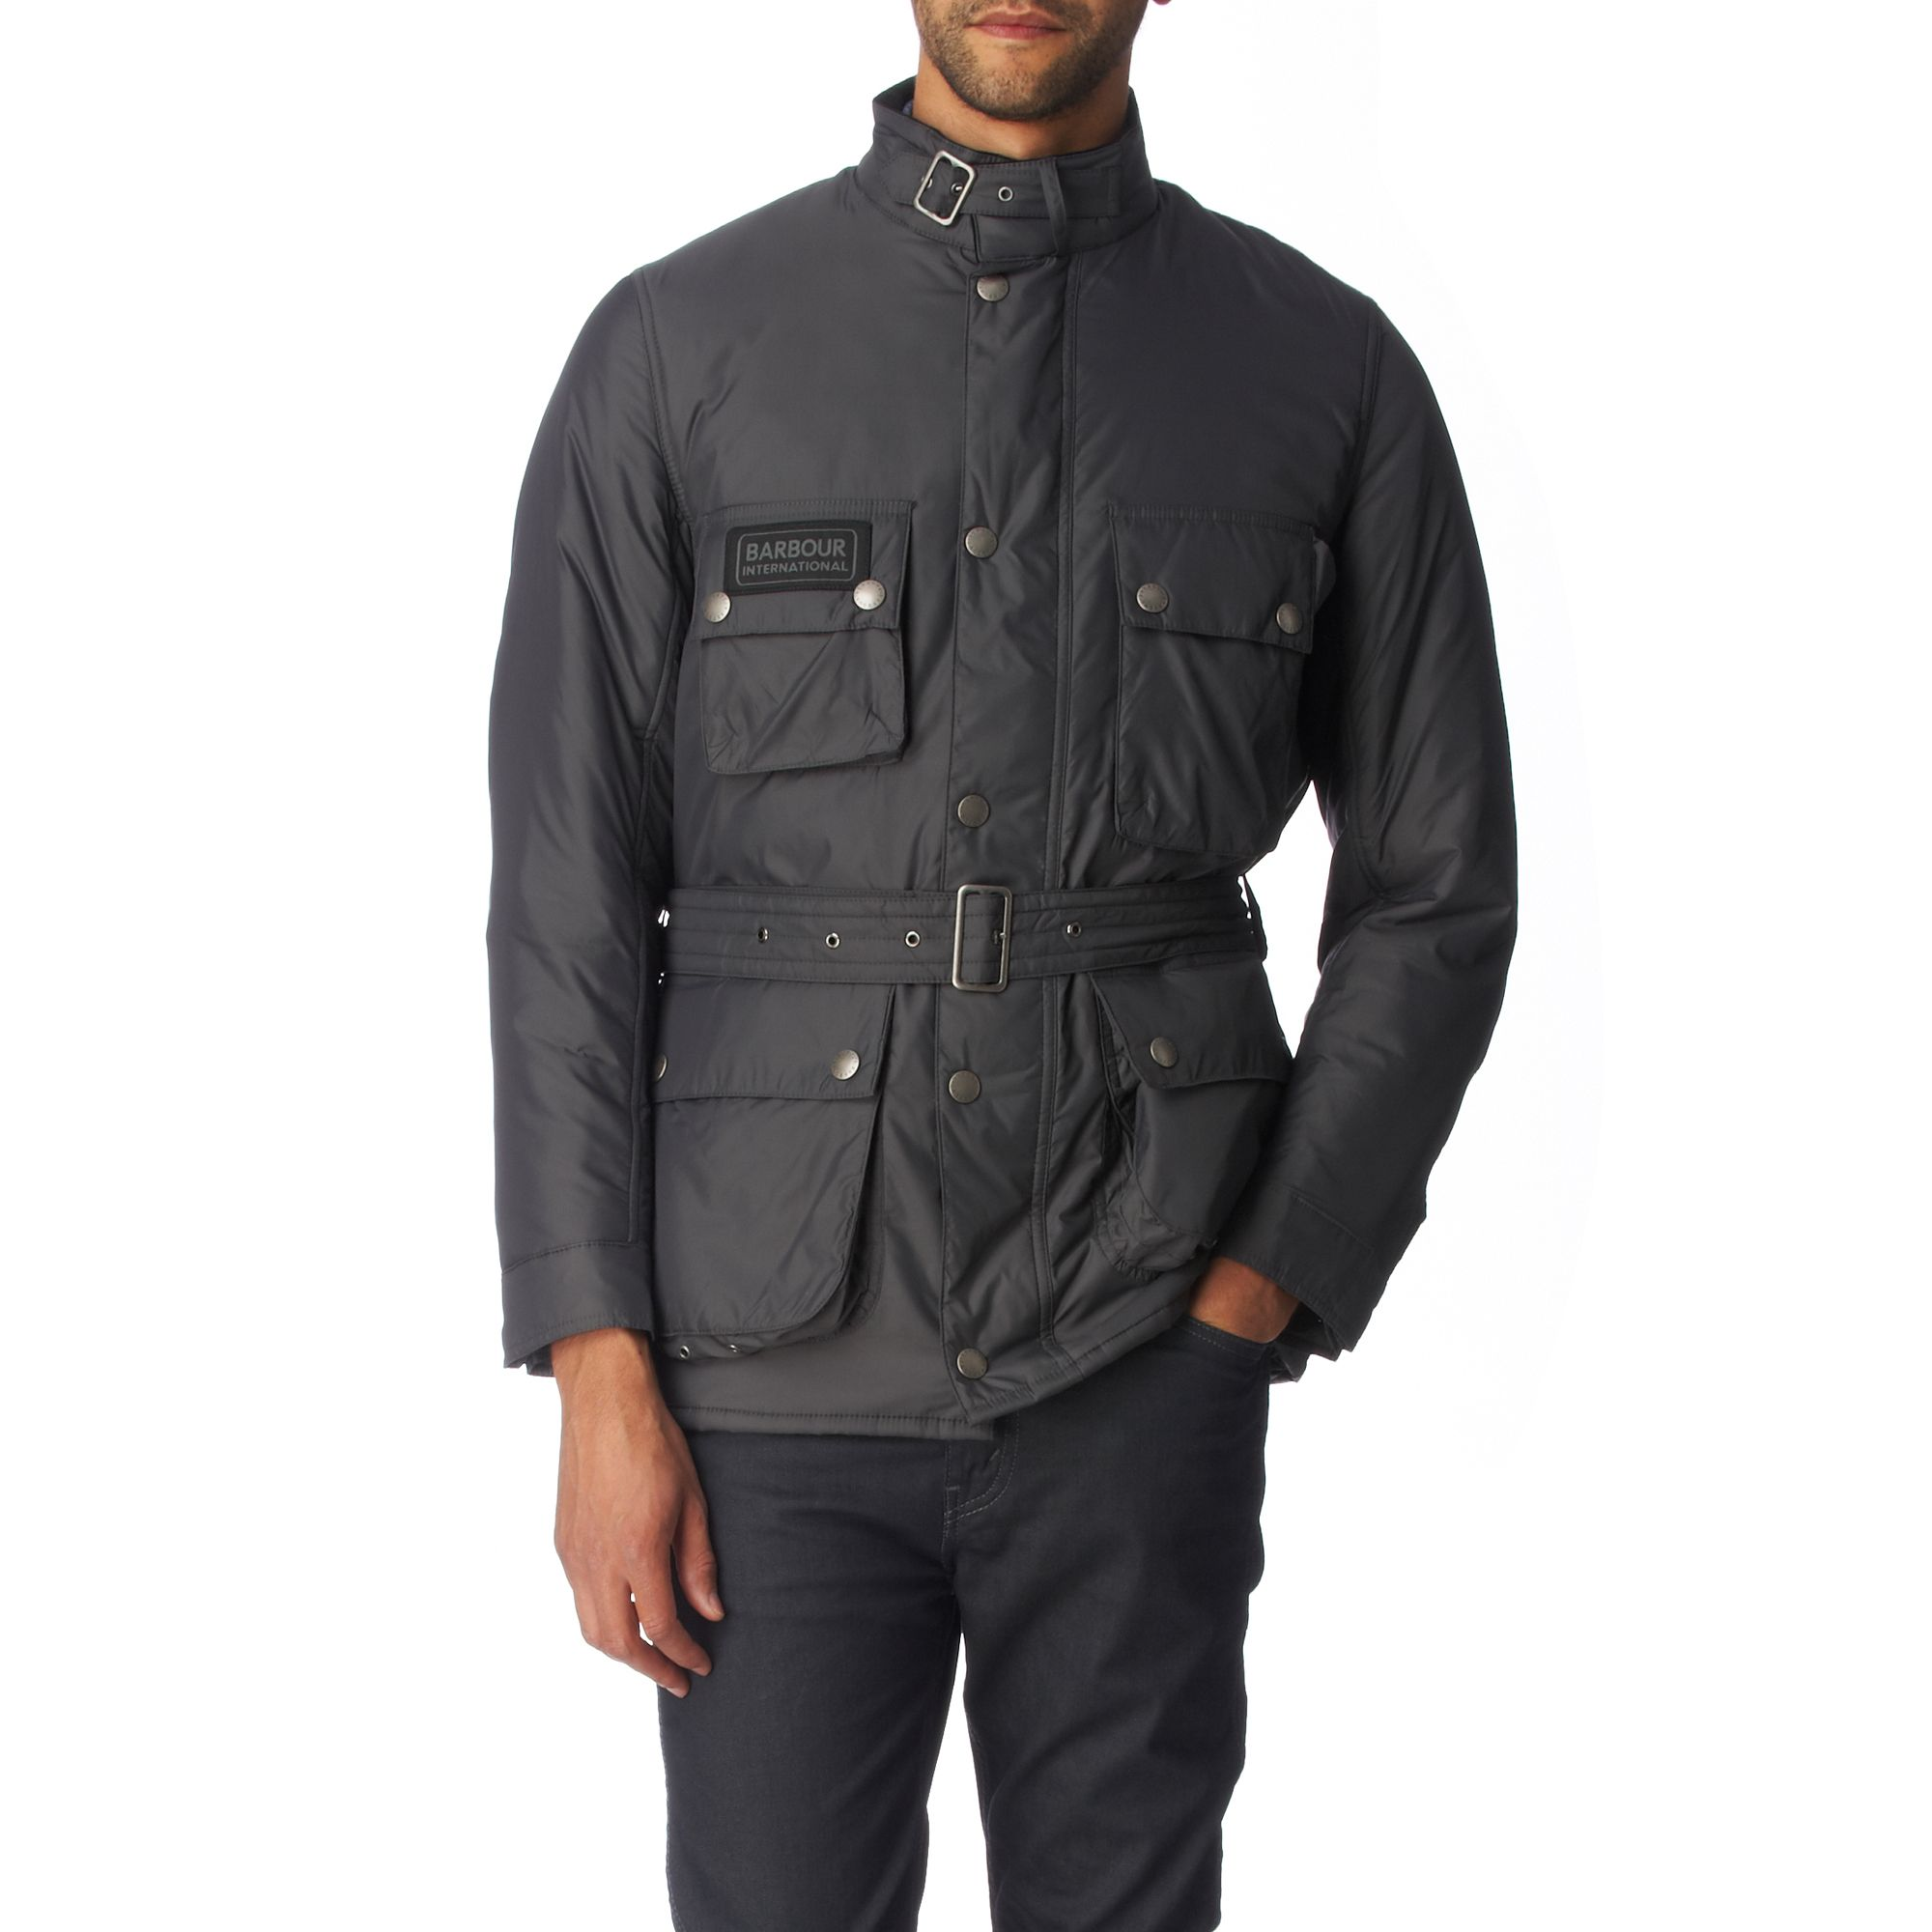 Barbour International Padded Jacket In Gray For Men